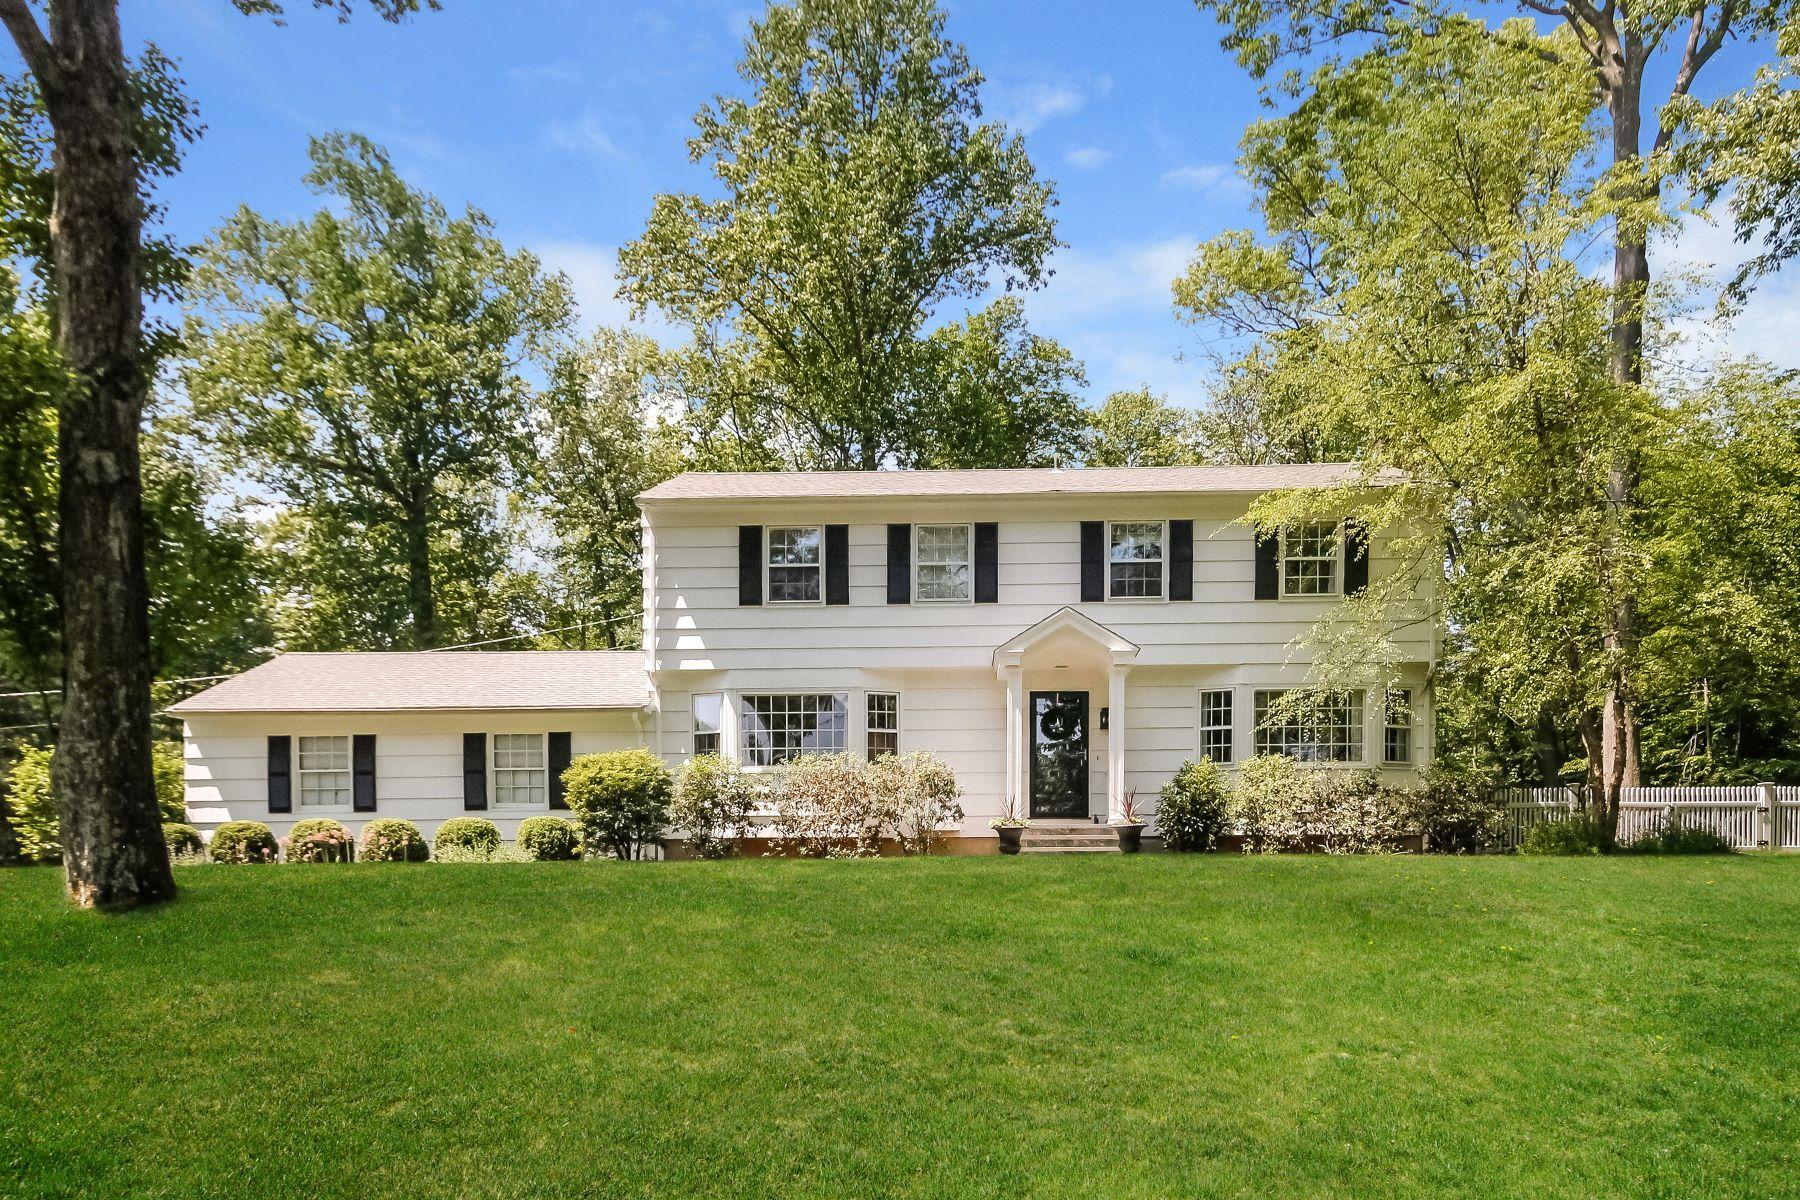 Частный односемейный дом для того Продажа на Pristine New England Colonial 92 Gate Ridge Road Easton, Коннектикут 06612 Соединенные Штаты